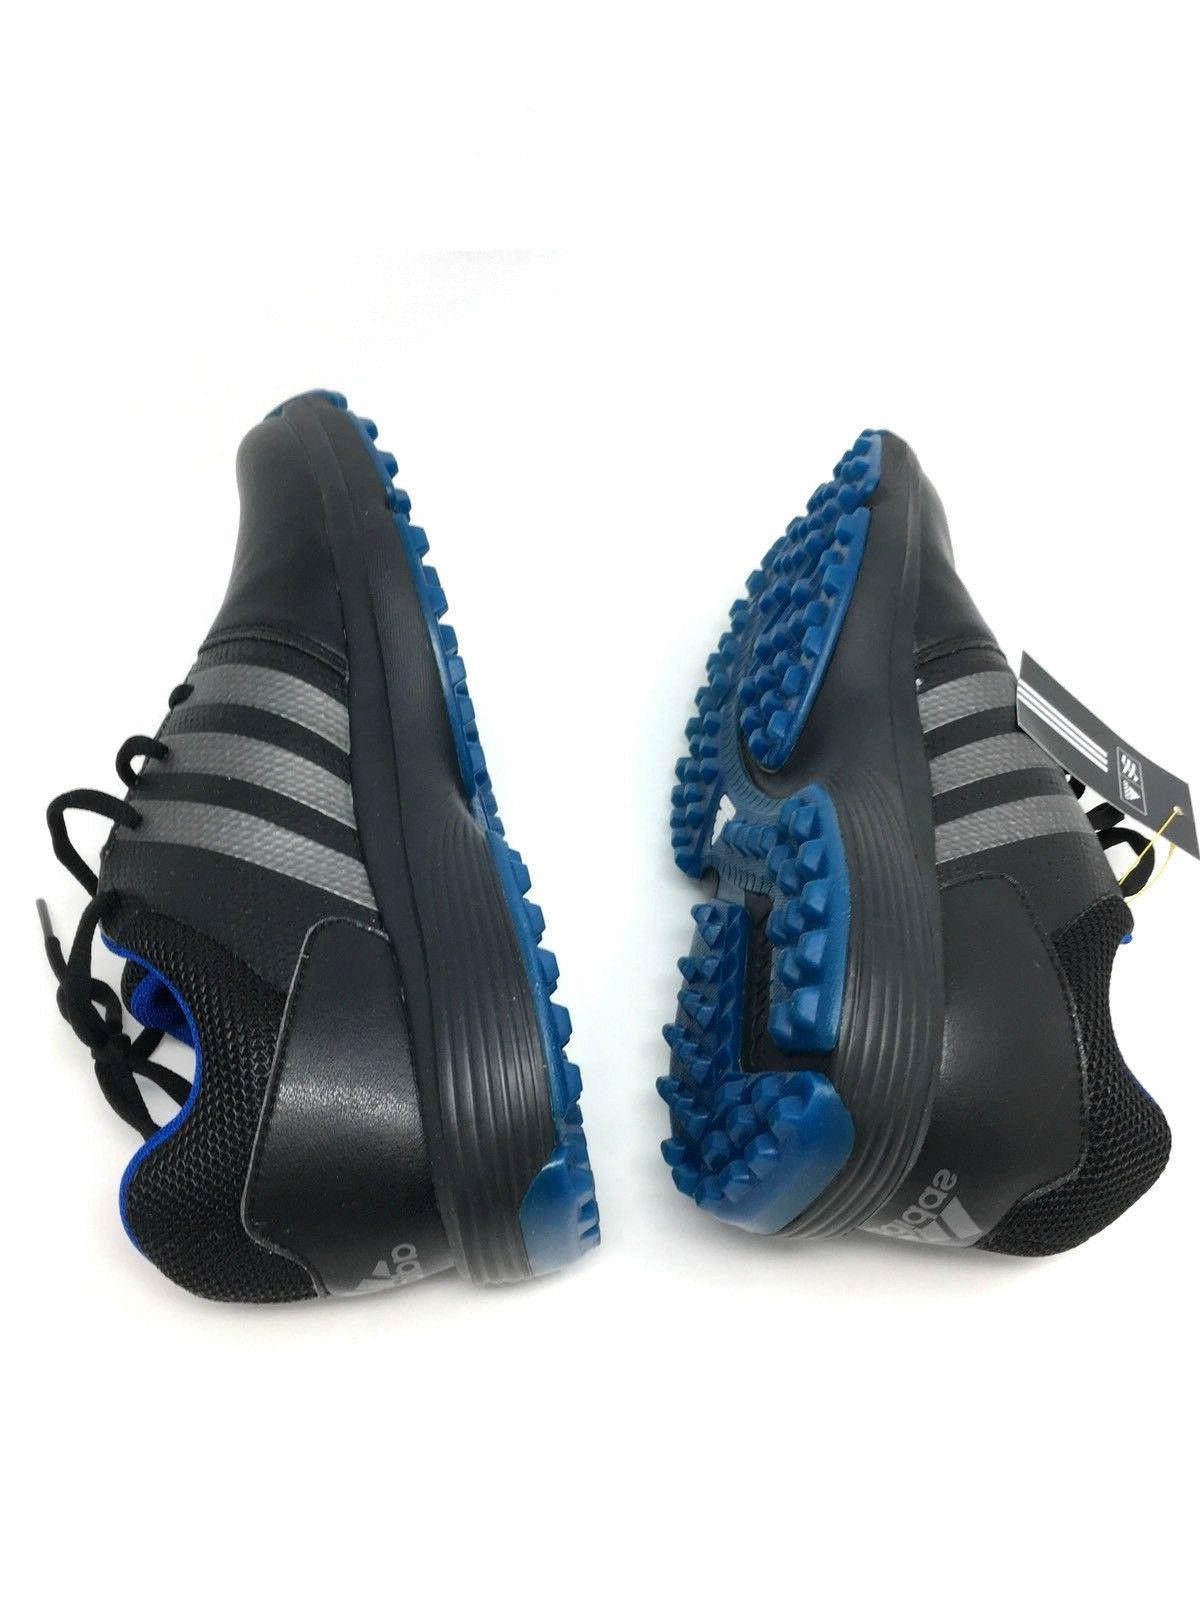 Adidas Shoes Black 8